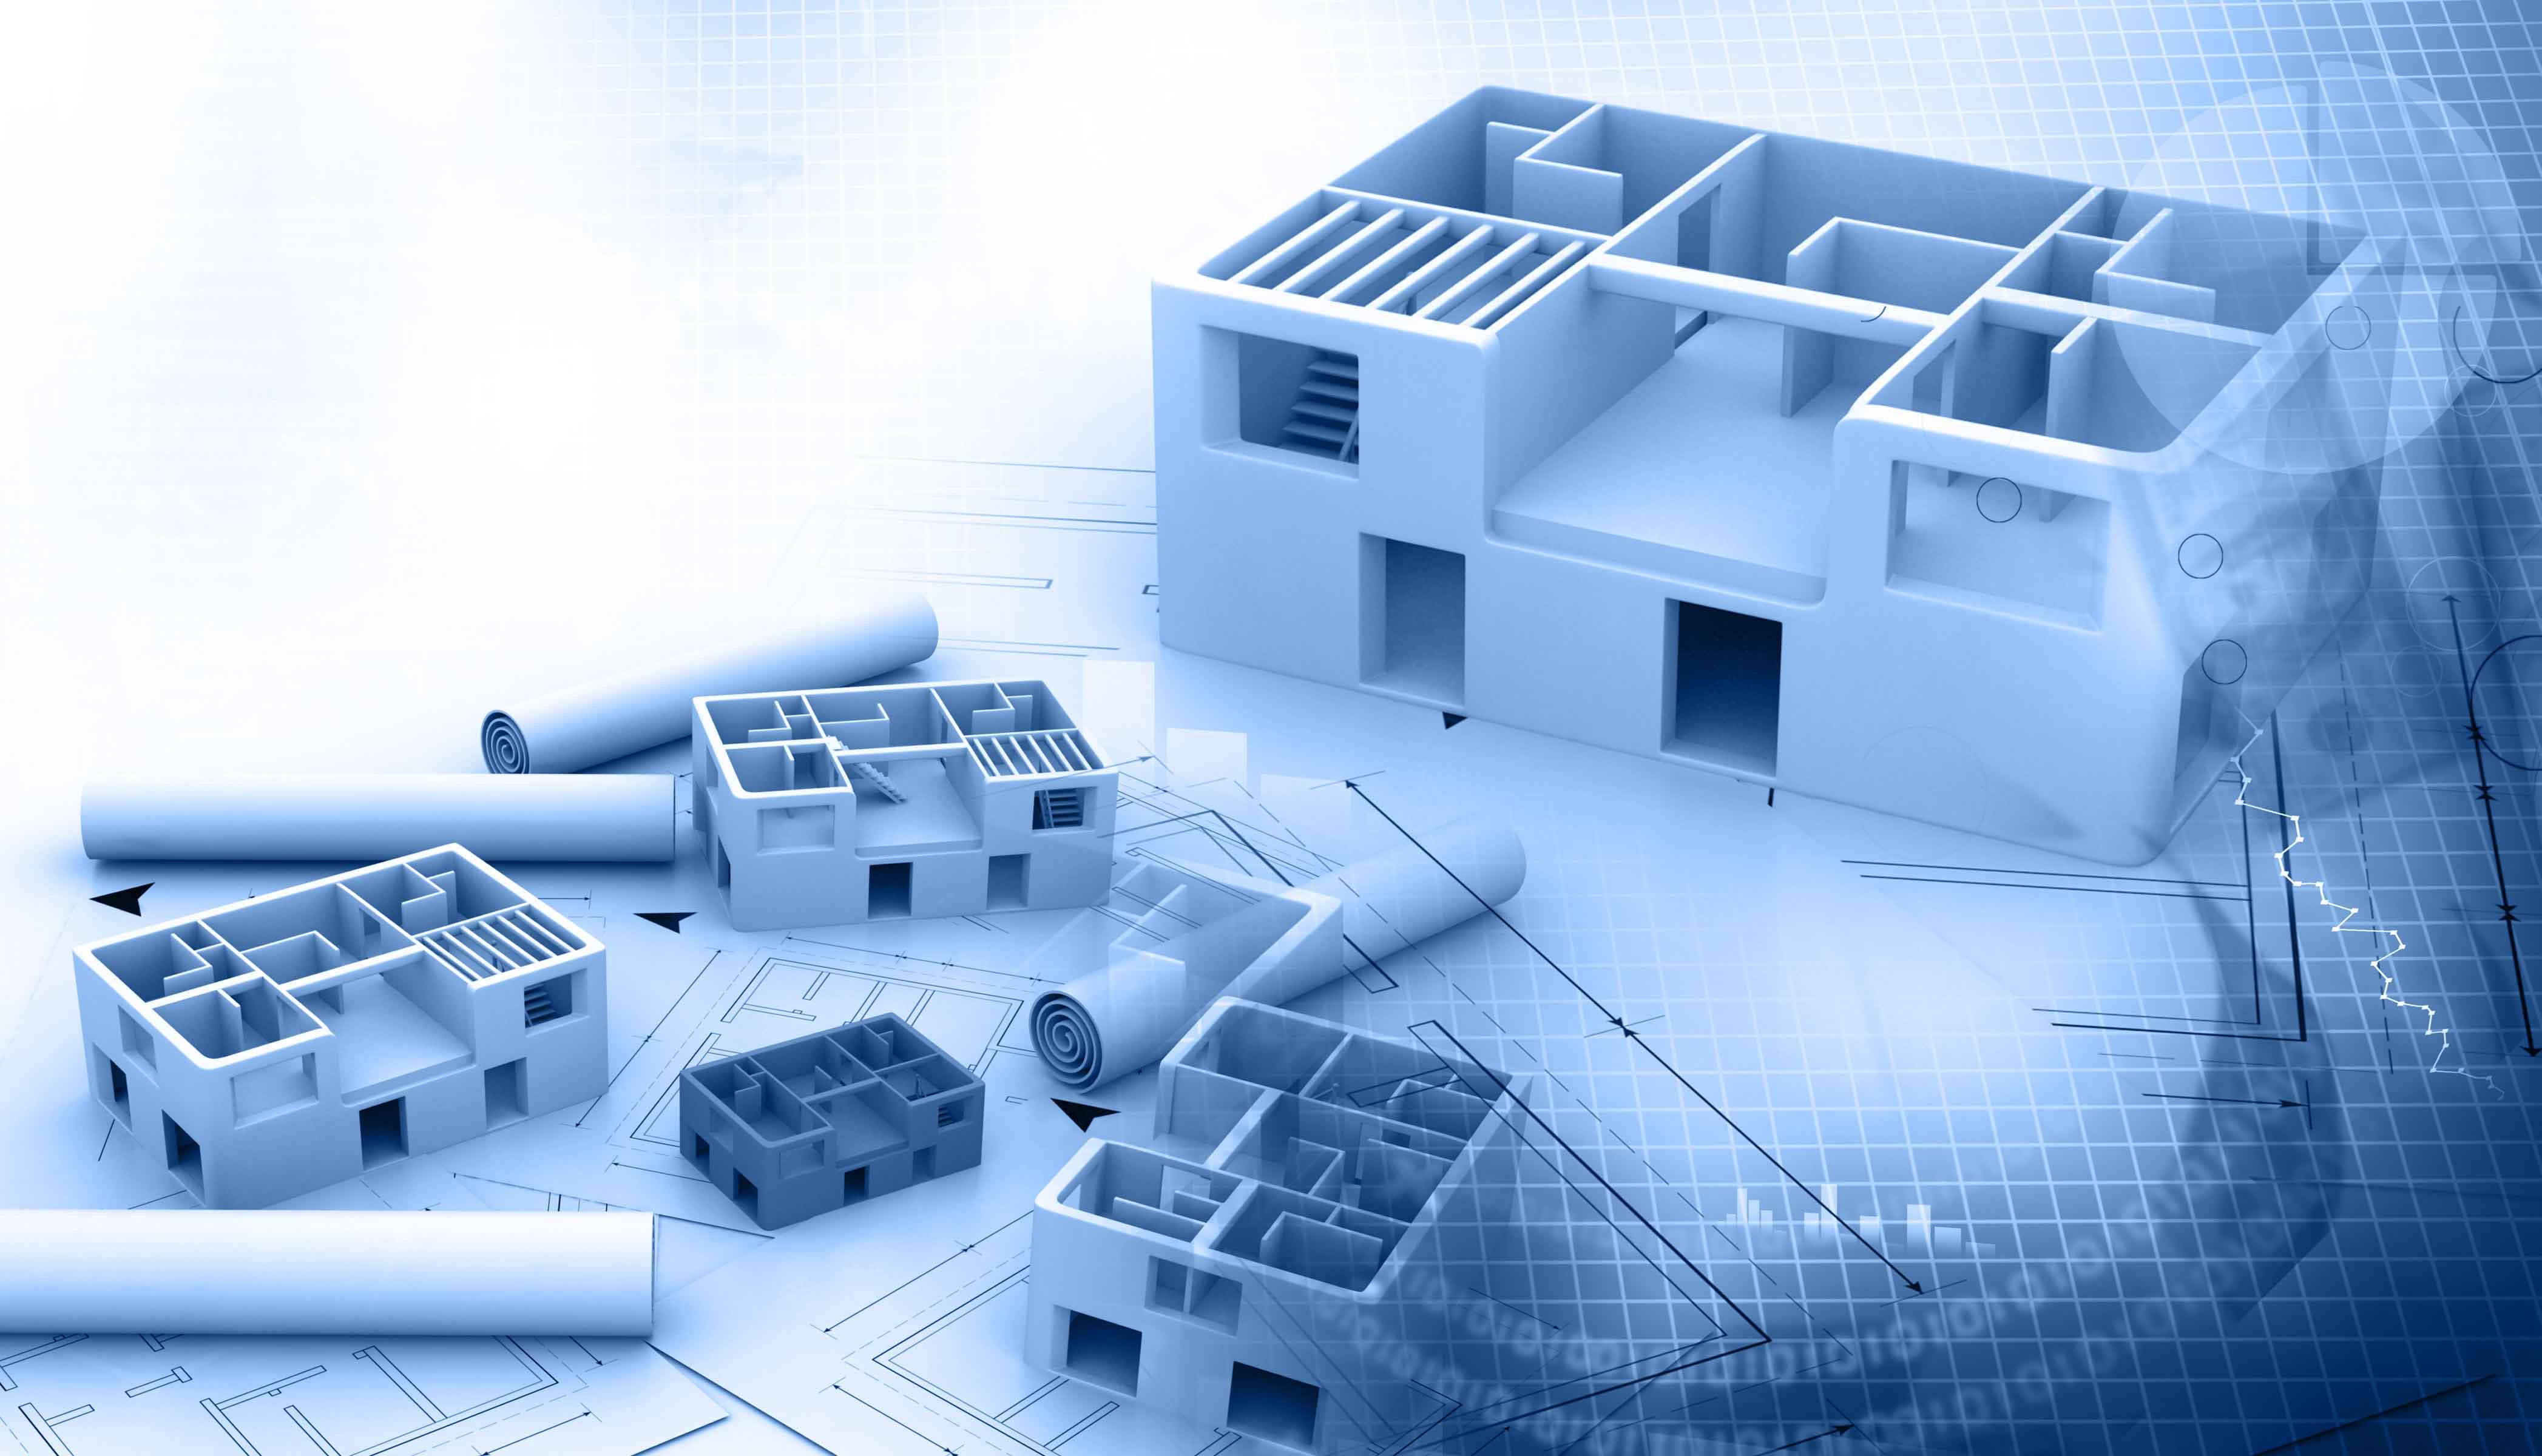 Virtualización de edificio